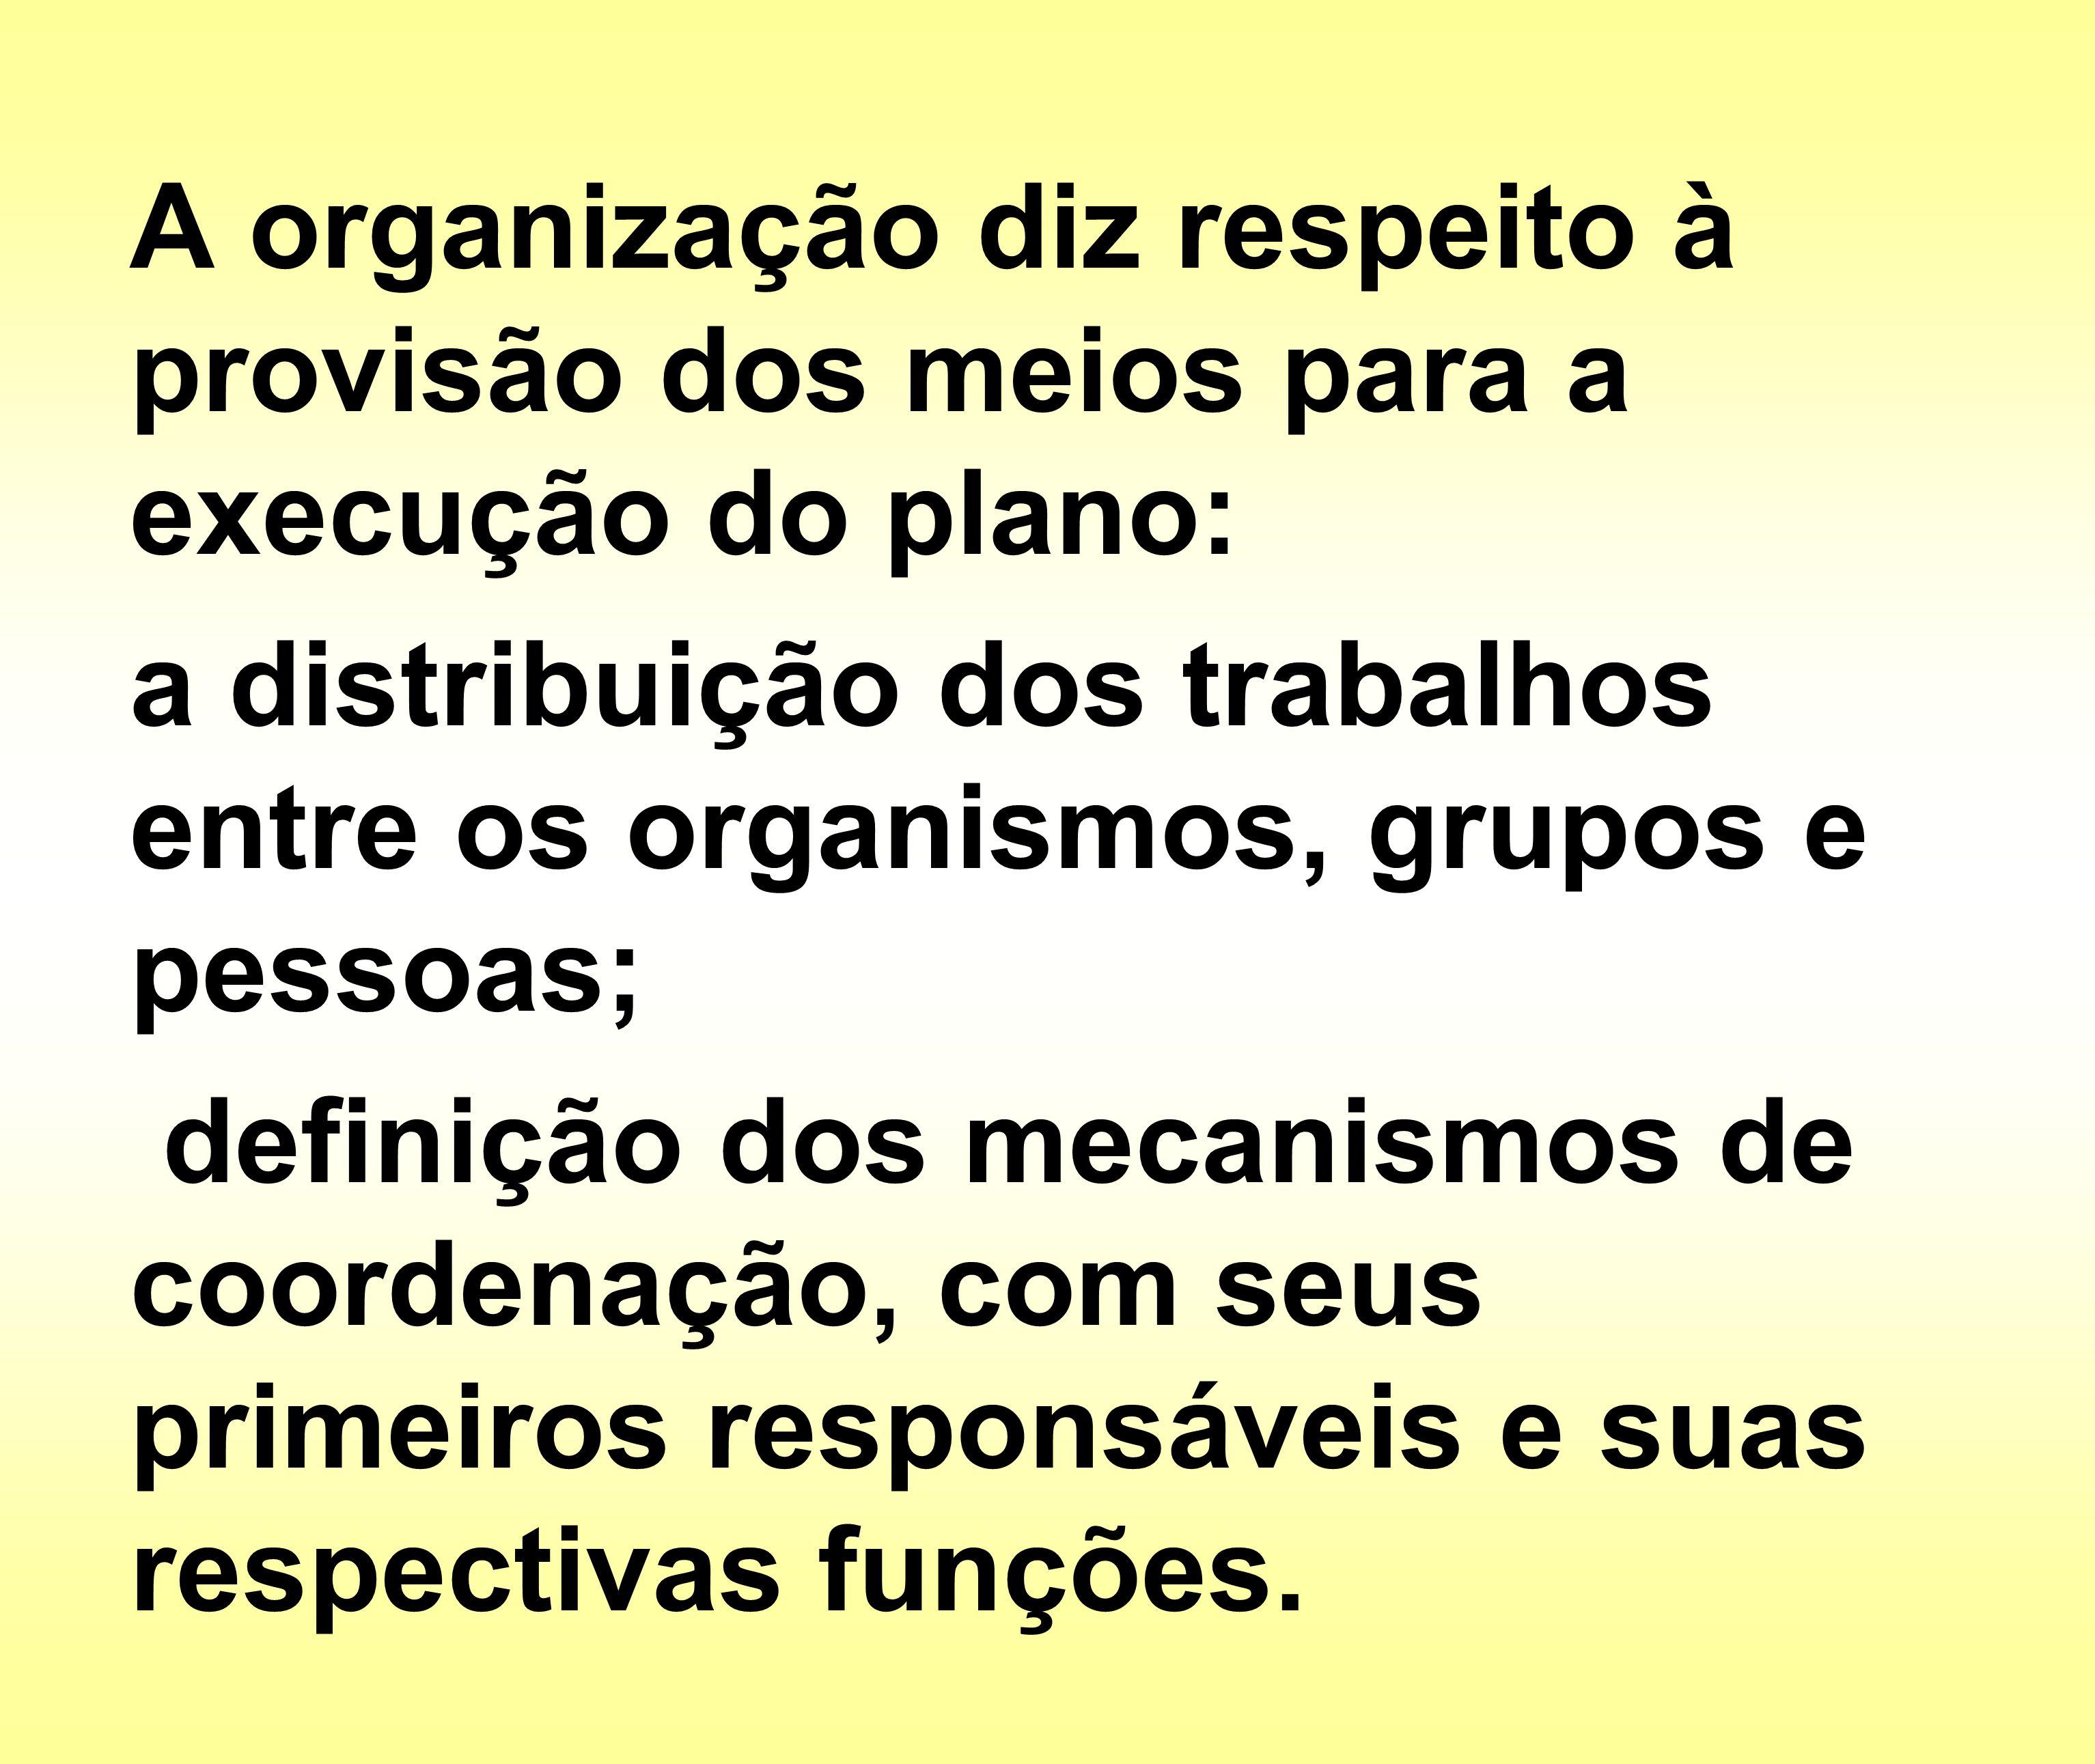 A organização diz respeito à provisão dos meios para a execução do plano: